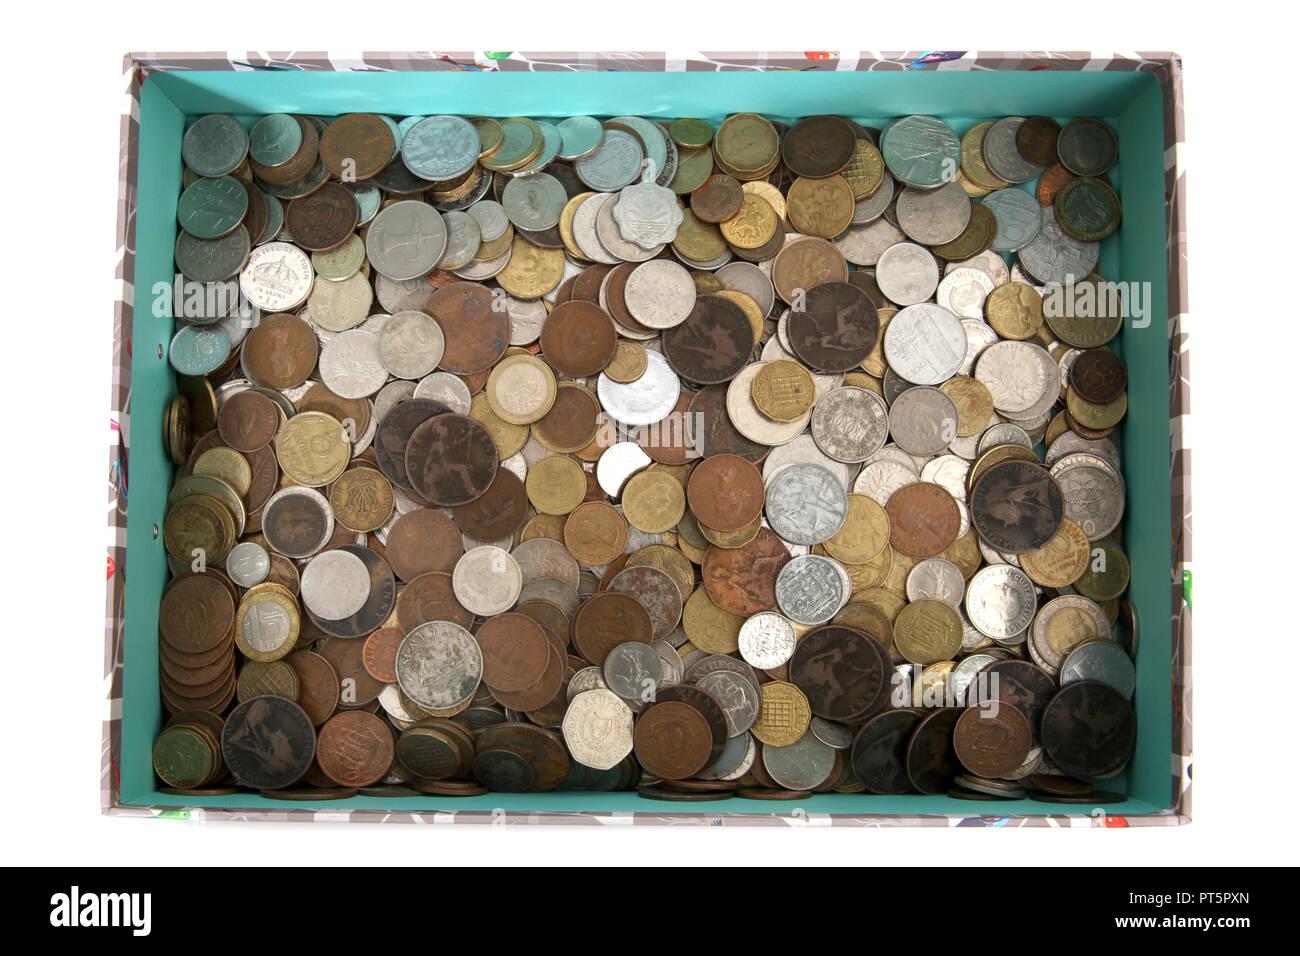 Eine Sammlung von alten world wide Münzen verwendet wird. Stockbild